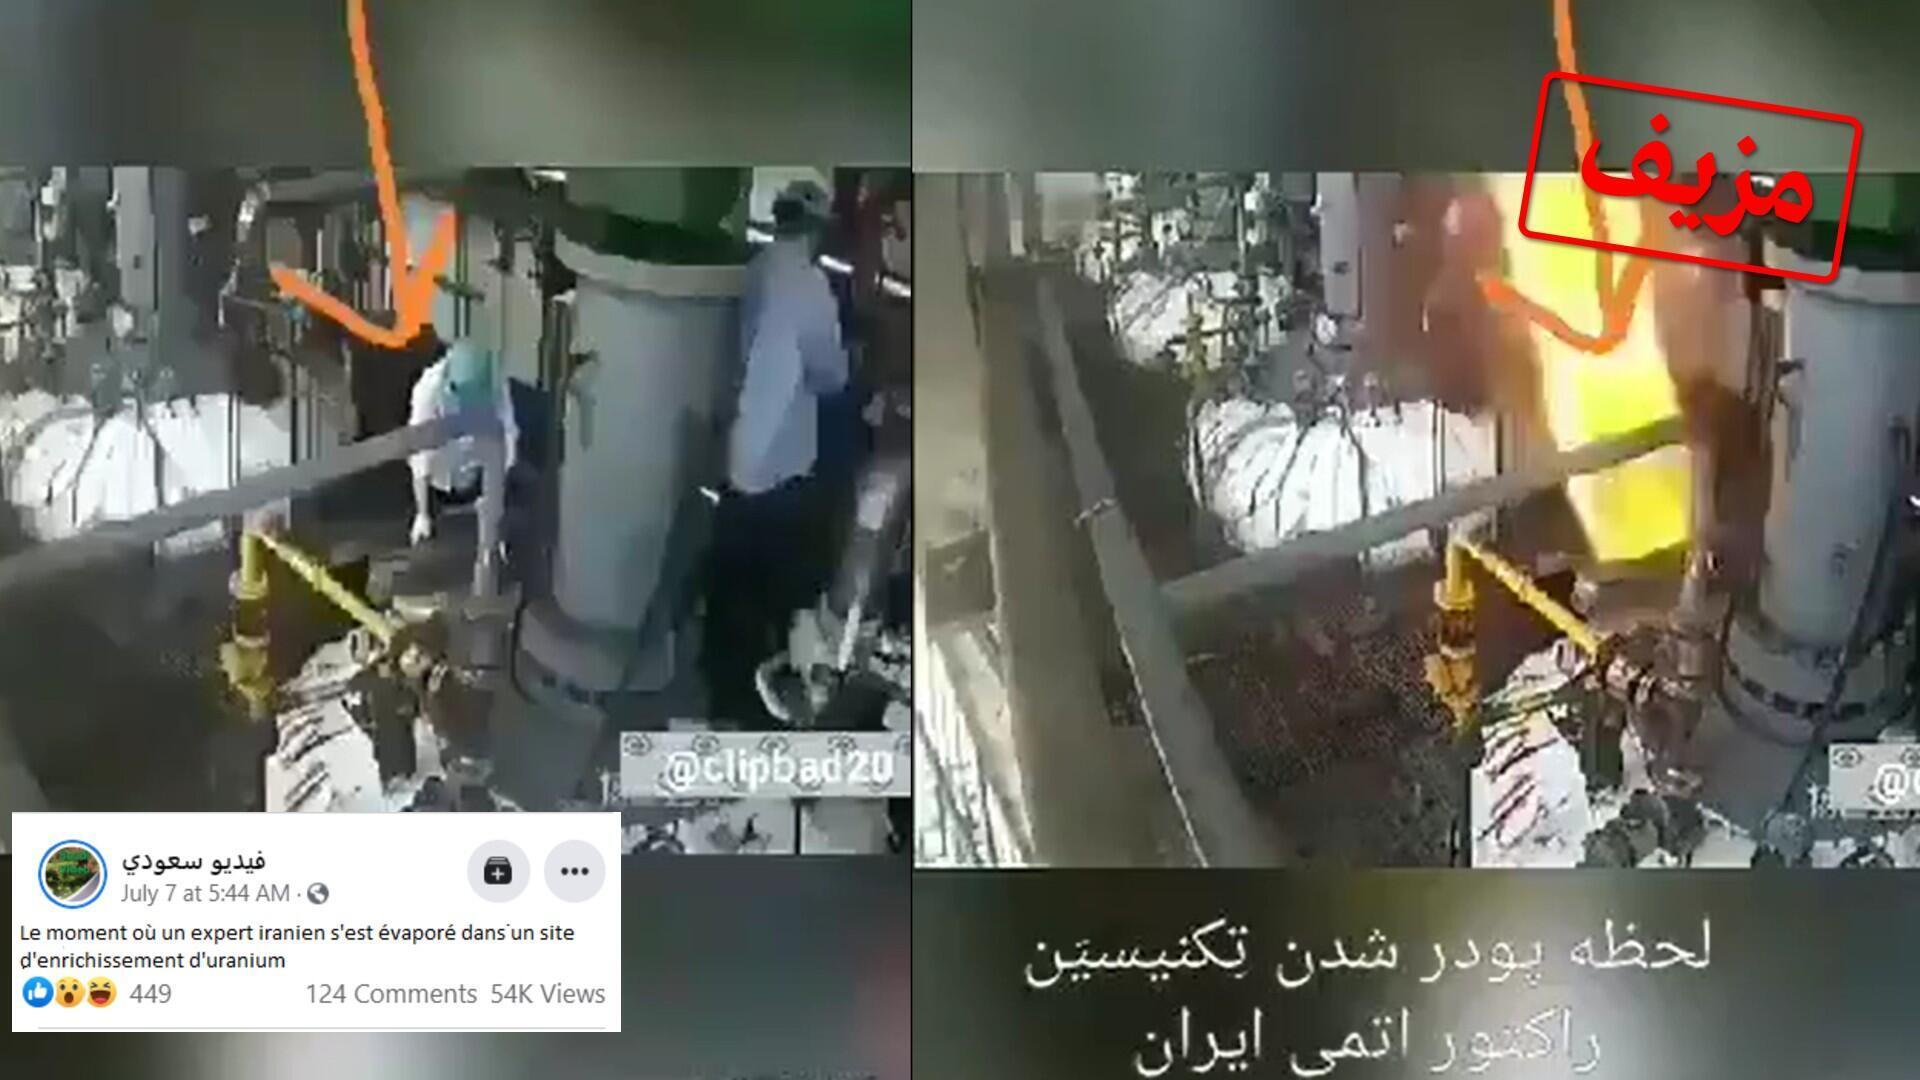 صور مقتطفة من المشهد الذي يظهر عامل يختفي بعد انفجار سريع.